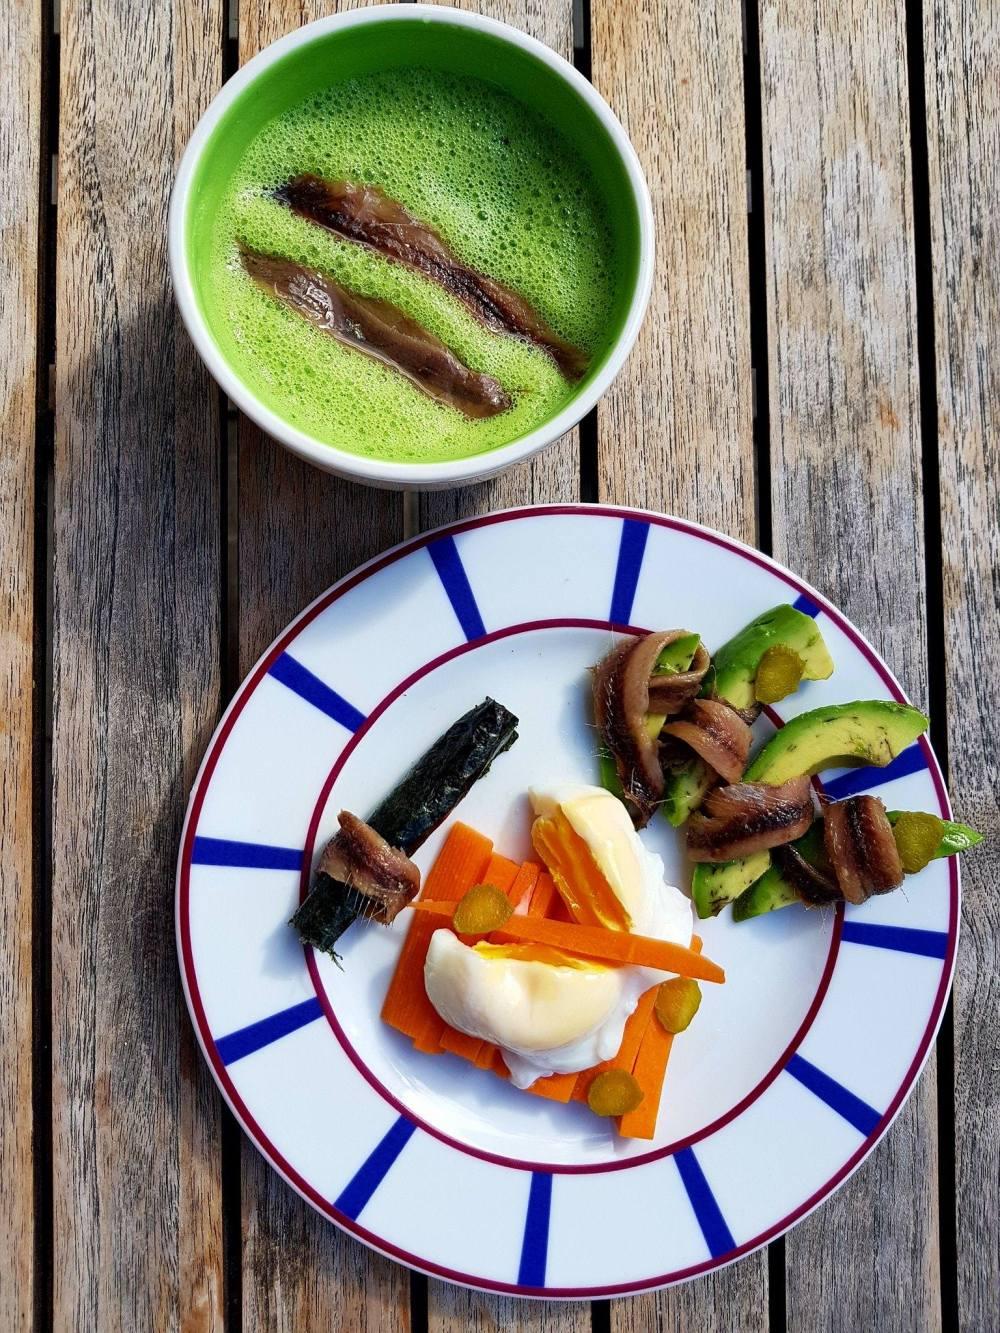 Soupe de courgettes et anchois, oeuf mollet sur carottes, avocat, cornichons et feuille nori .jpg